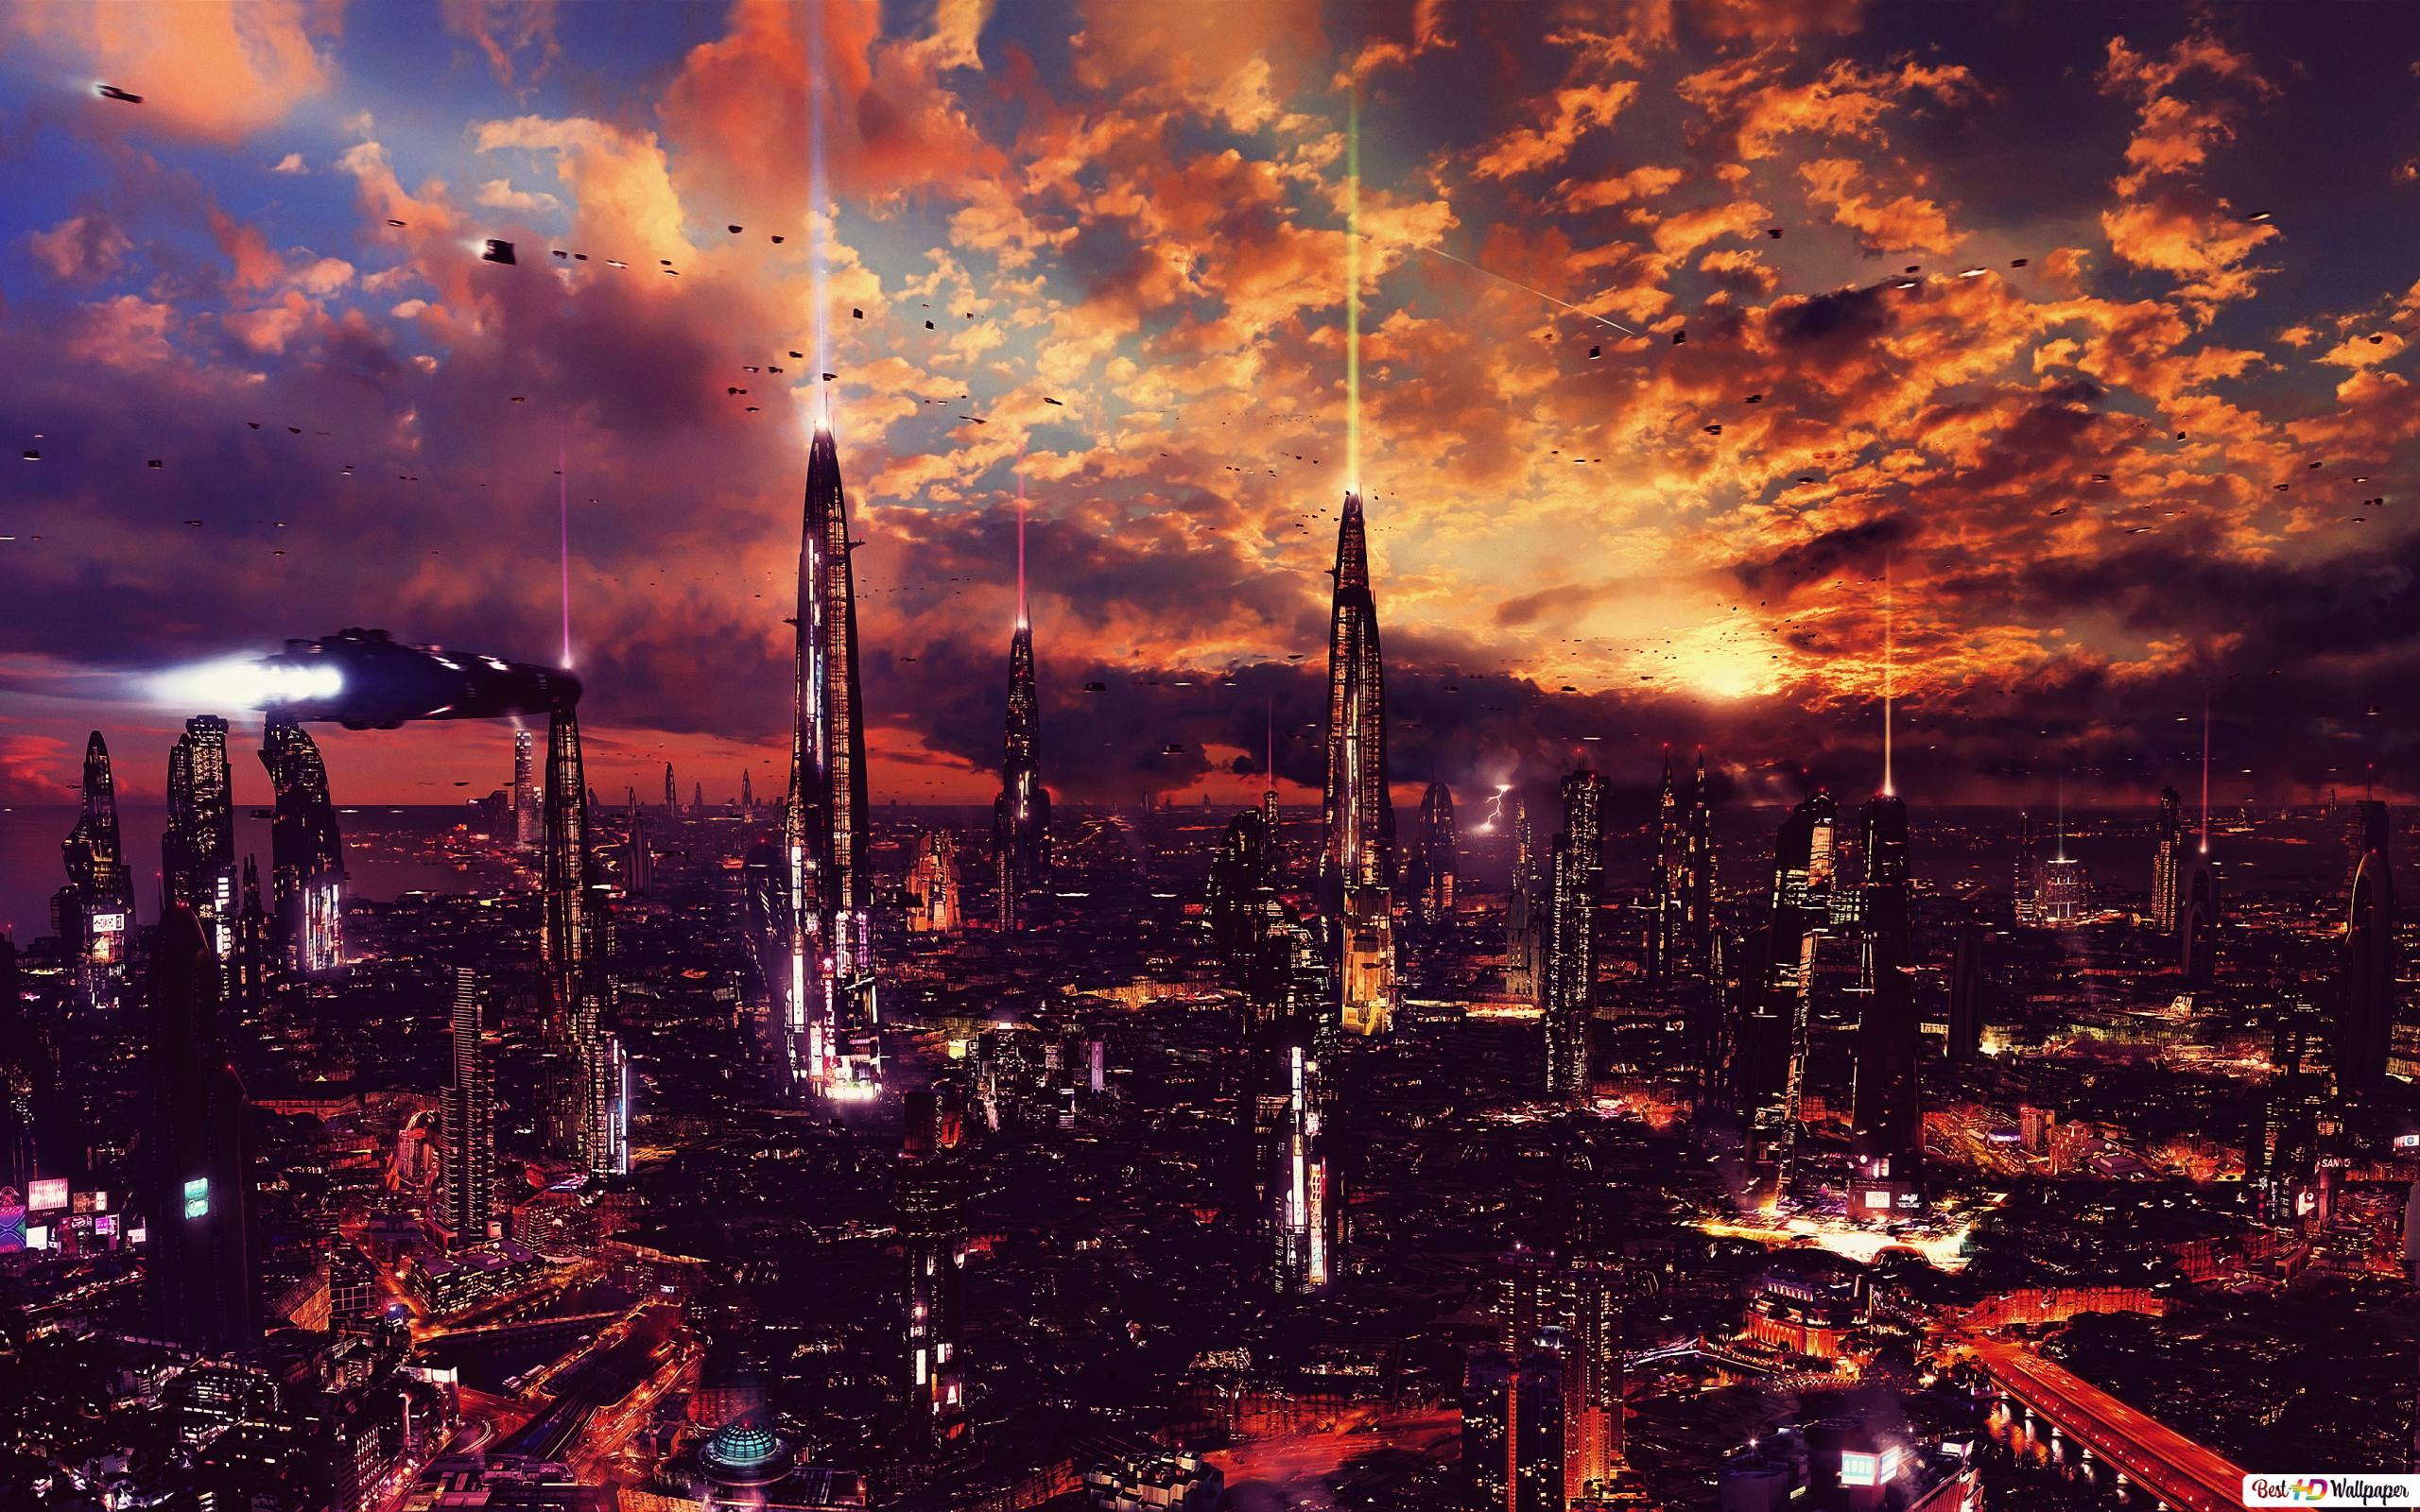 未来都市 Hd壁紙のダウンロード